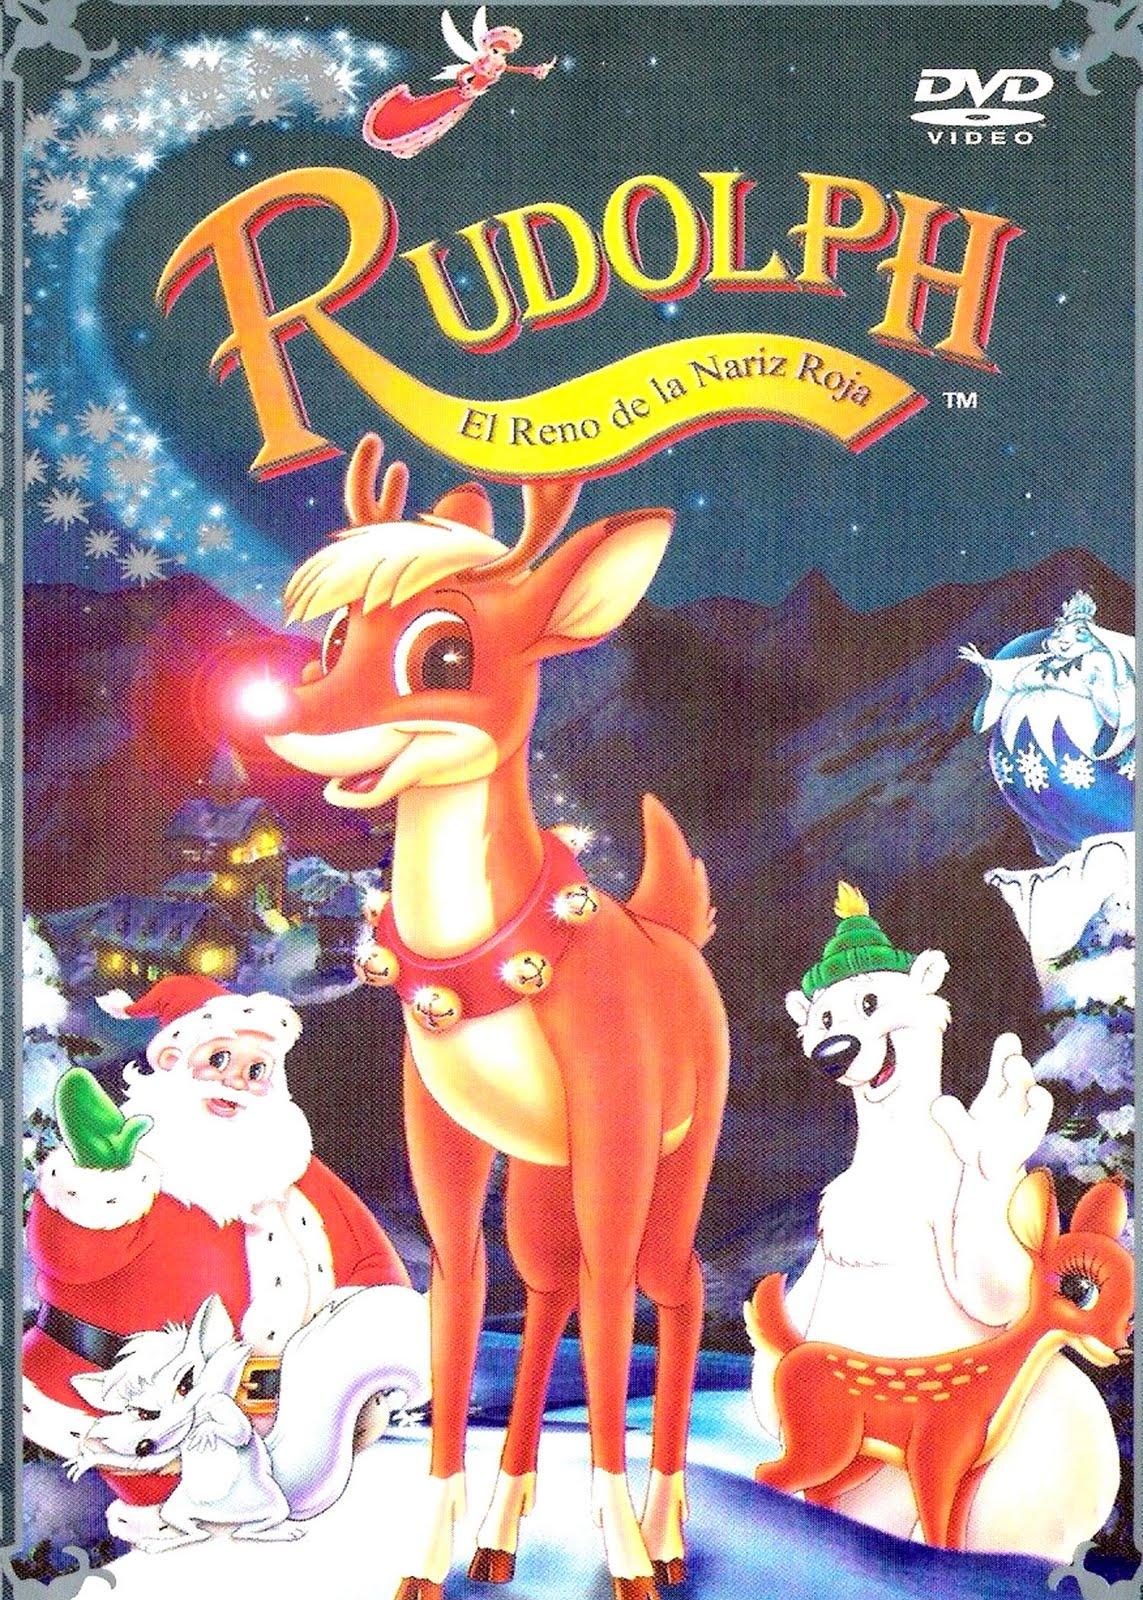 Rudolph, el reno de la nariz roja (1998)